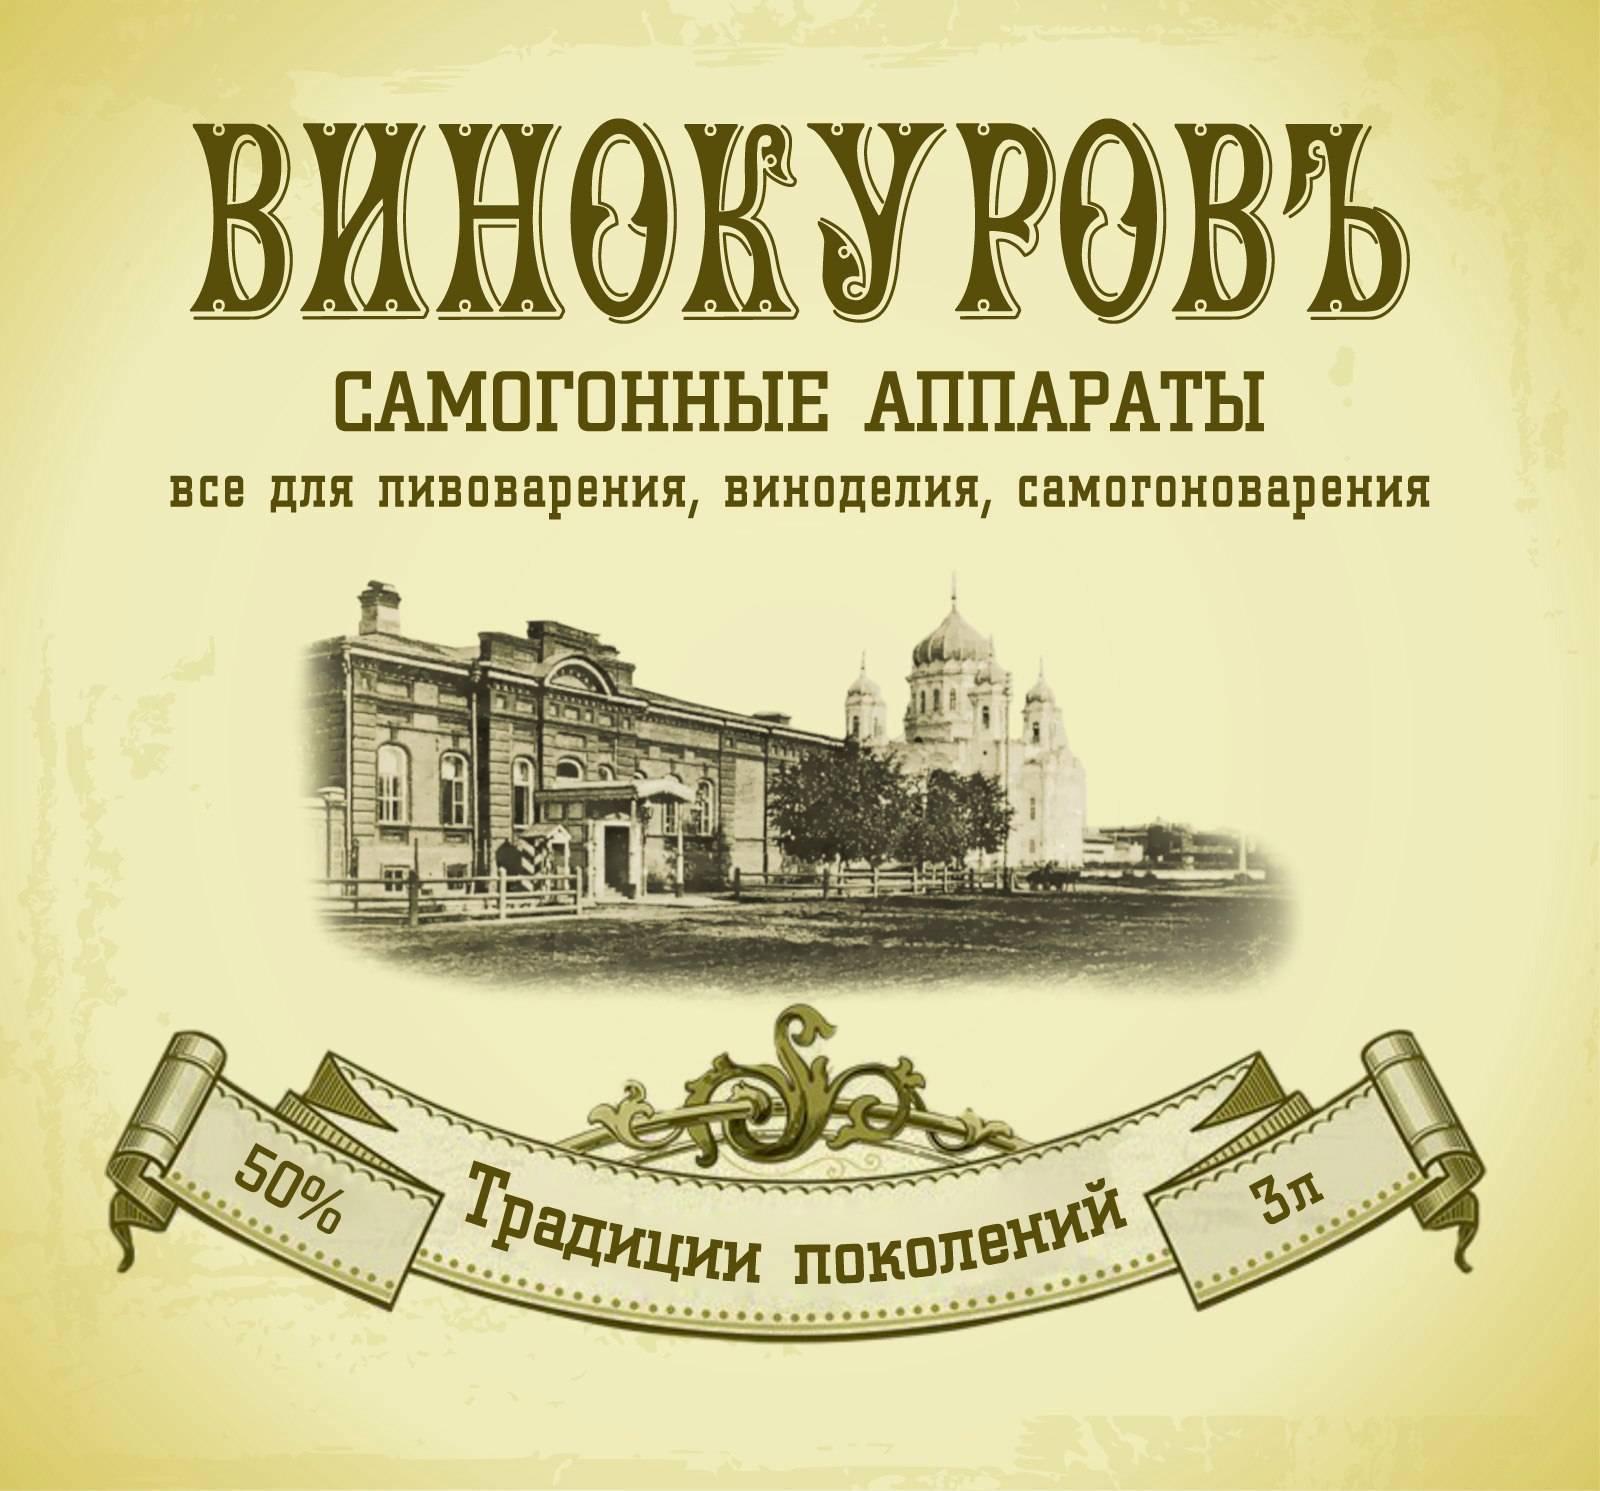 Можно ли гнать самогон по закону? :: businessman.ru